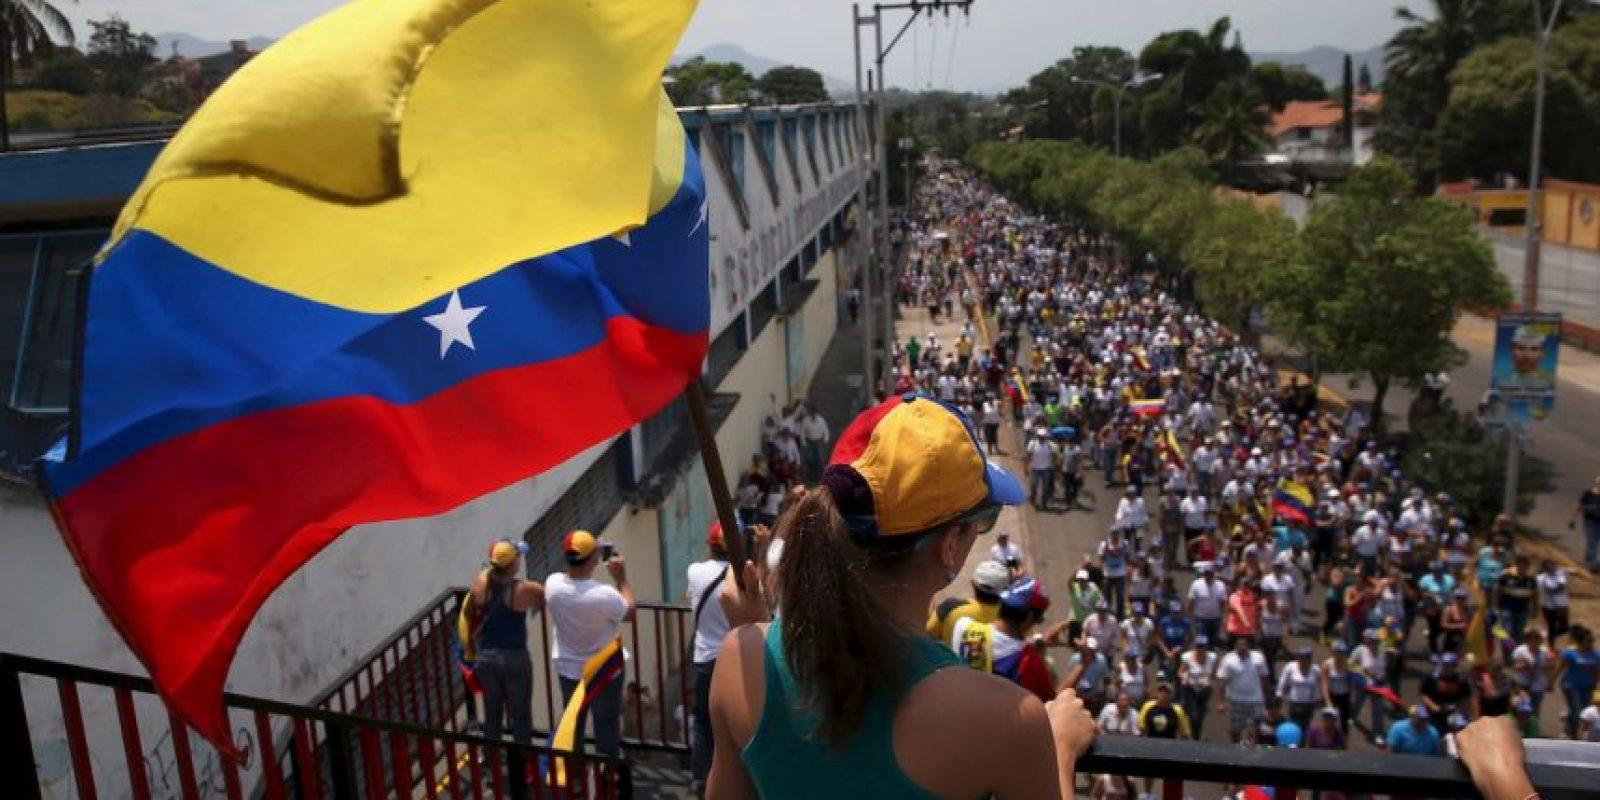 Esto debido a que el próximo 6 de diciembre se realizarán elecciones legislativas en Venezuela. Foto:Getty Images